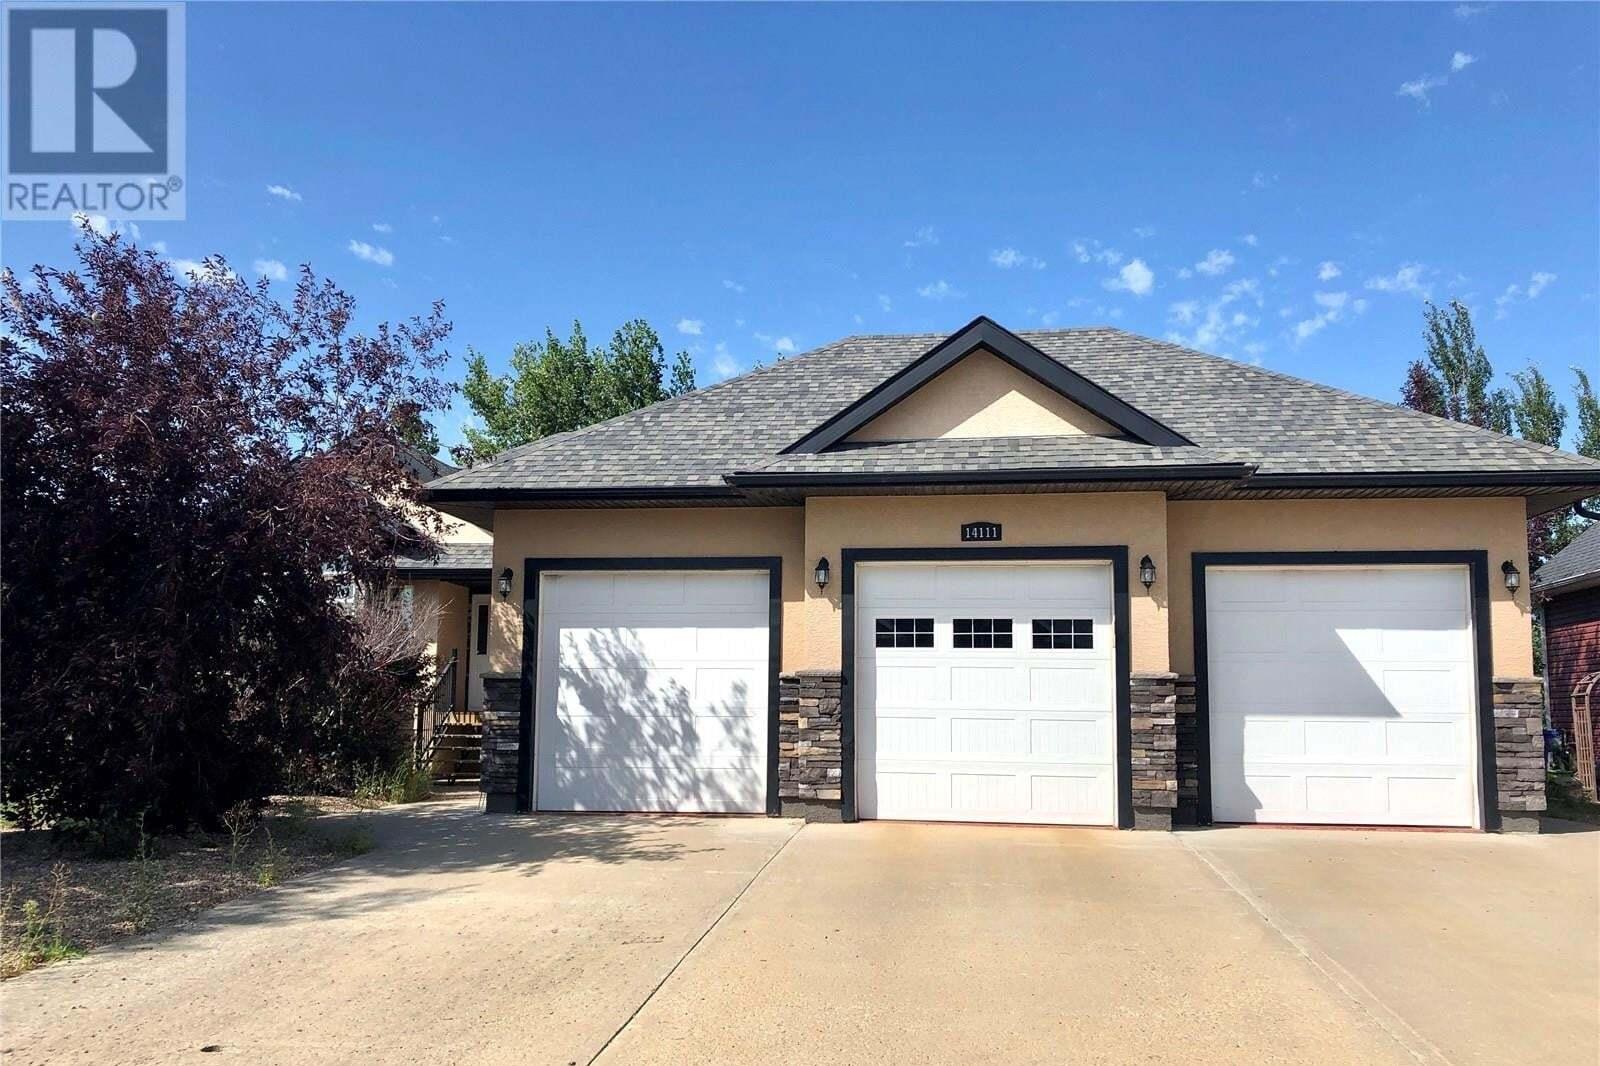 House for sale at 14111 Battleford Pl Battleford Saskatchewan - MLS: SK820834